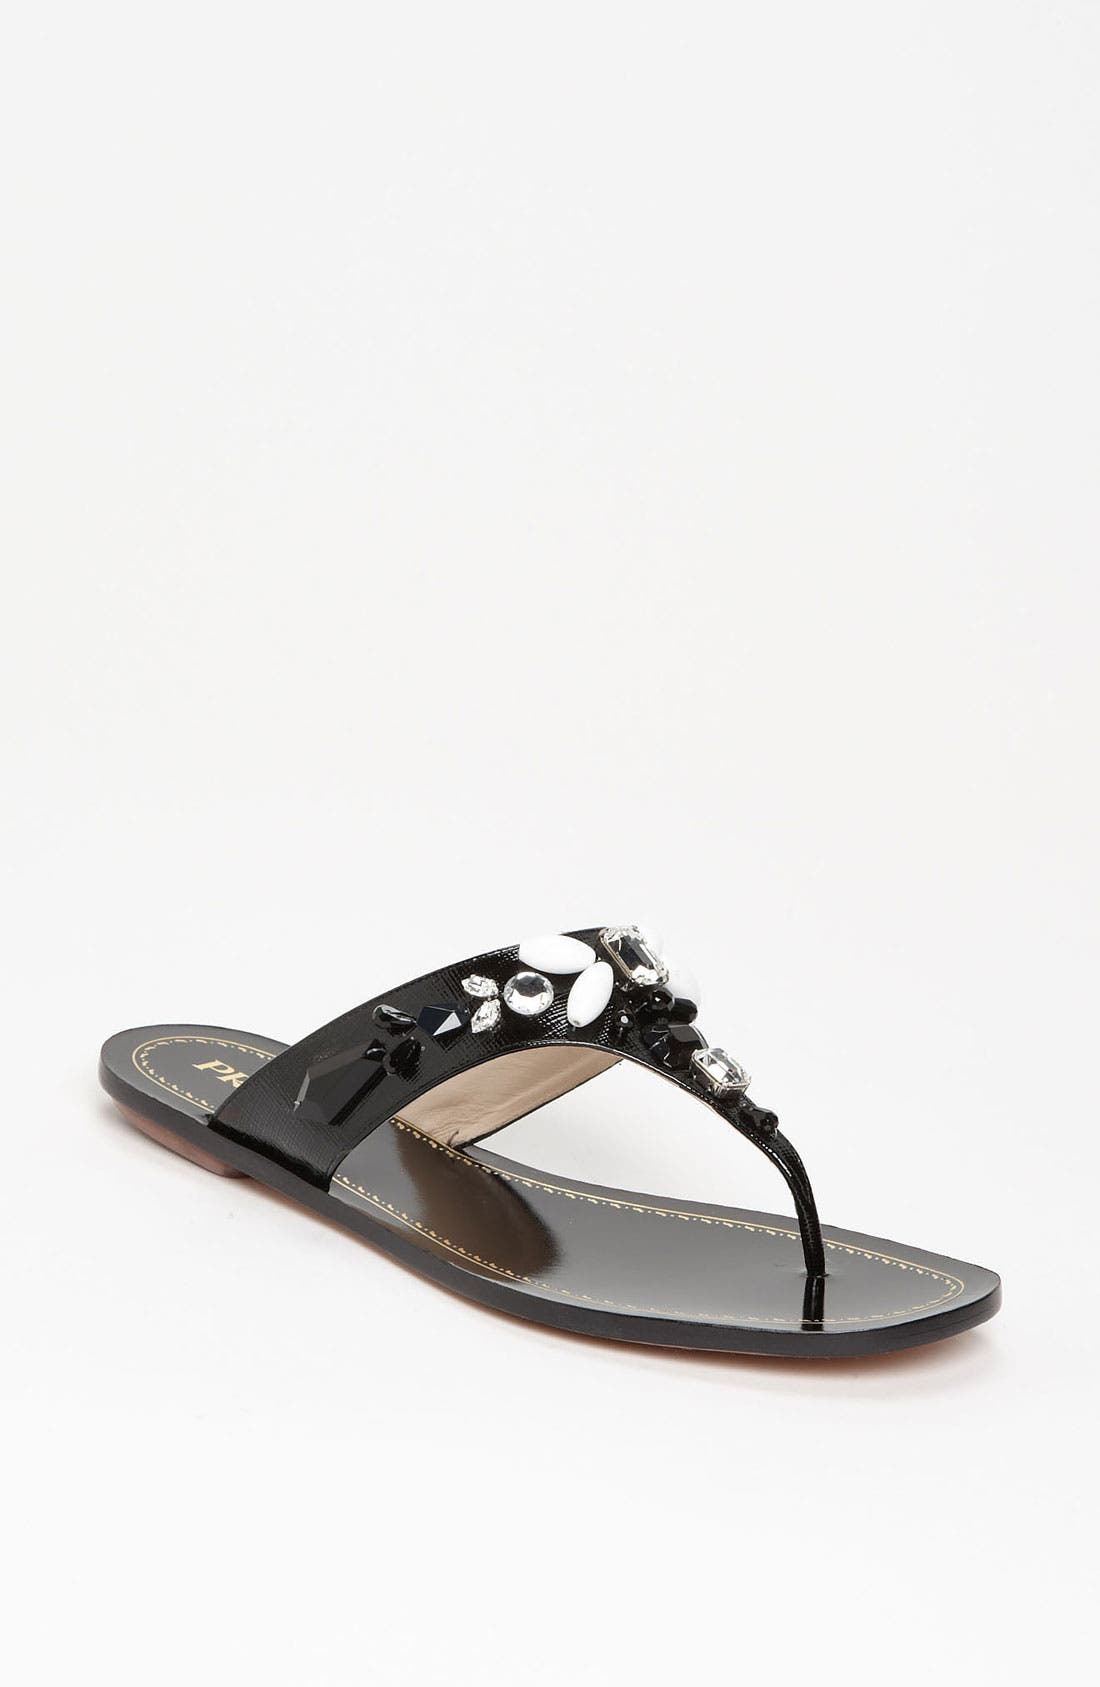 Alternate Image 1 Selected - Prada Thong Sandal